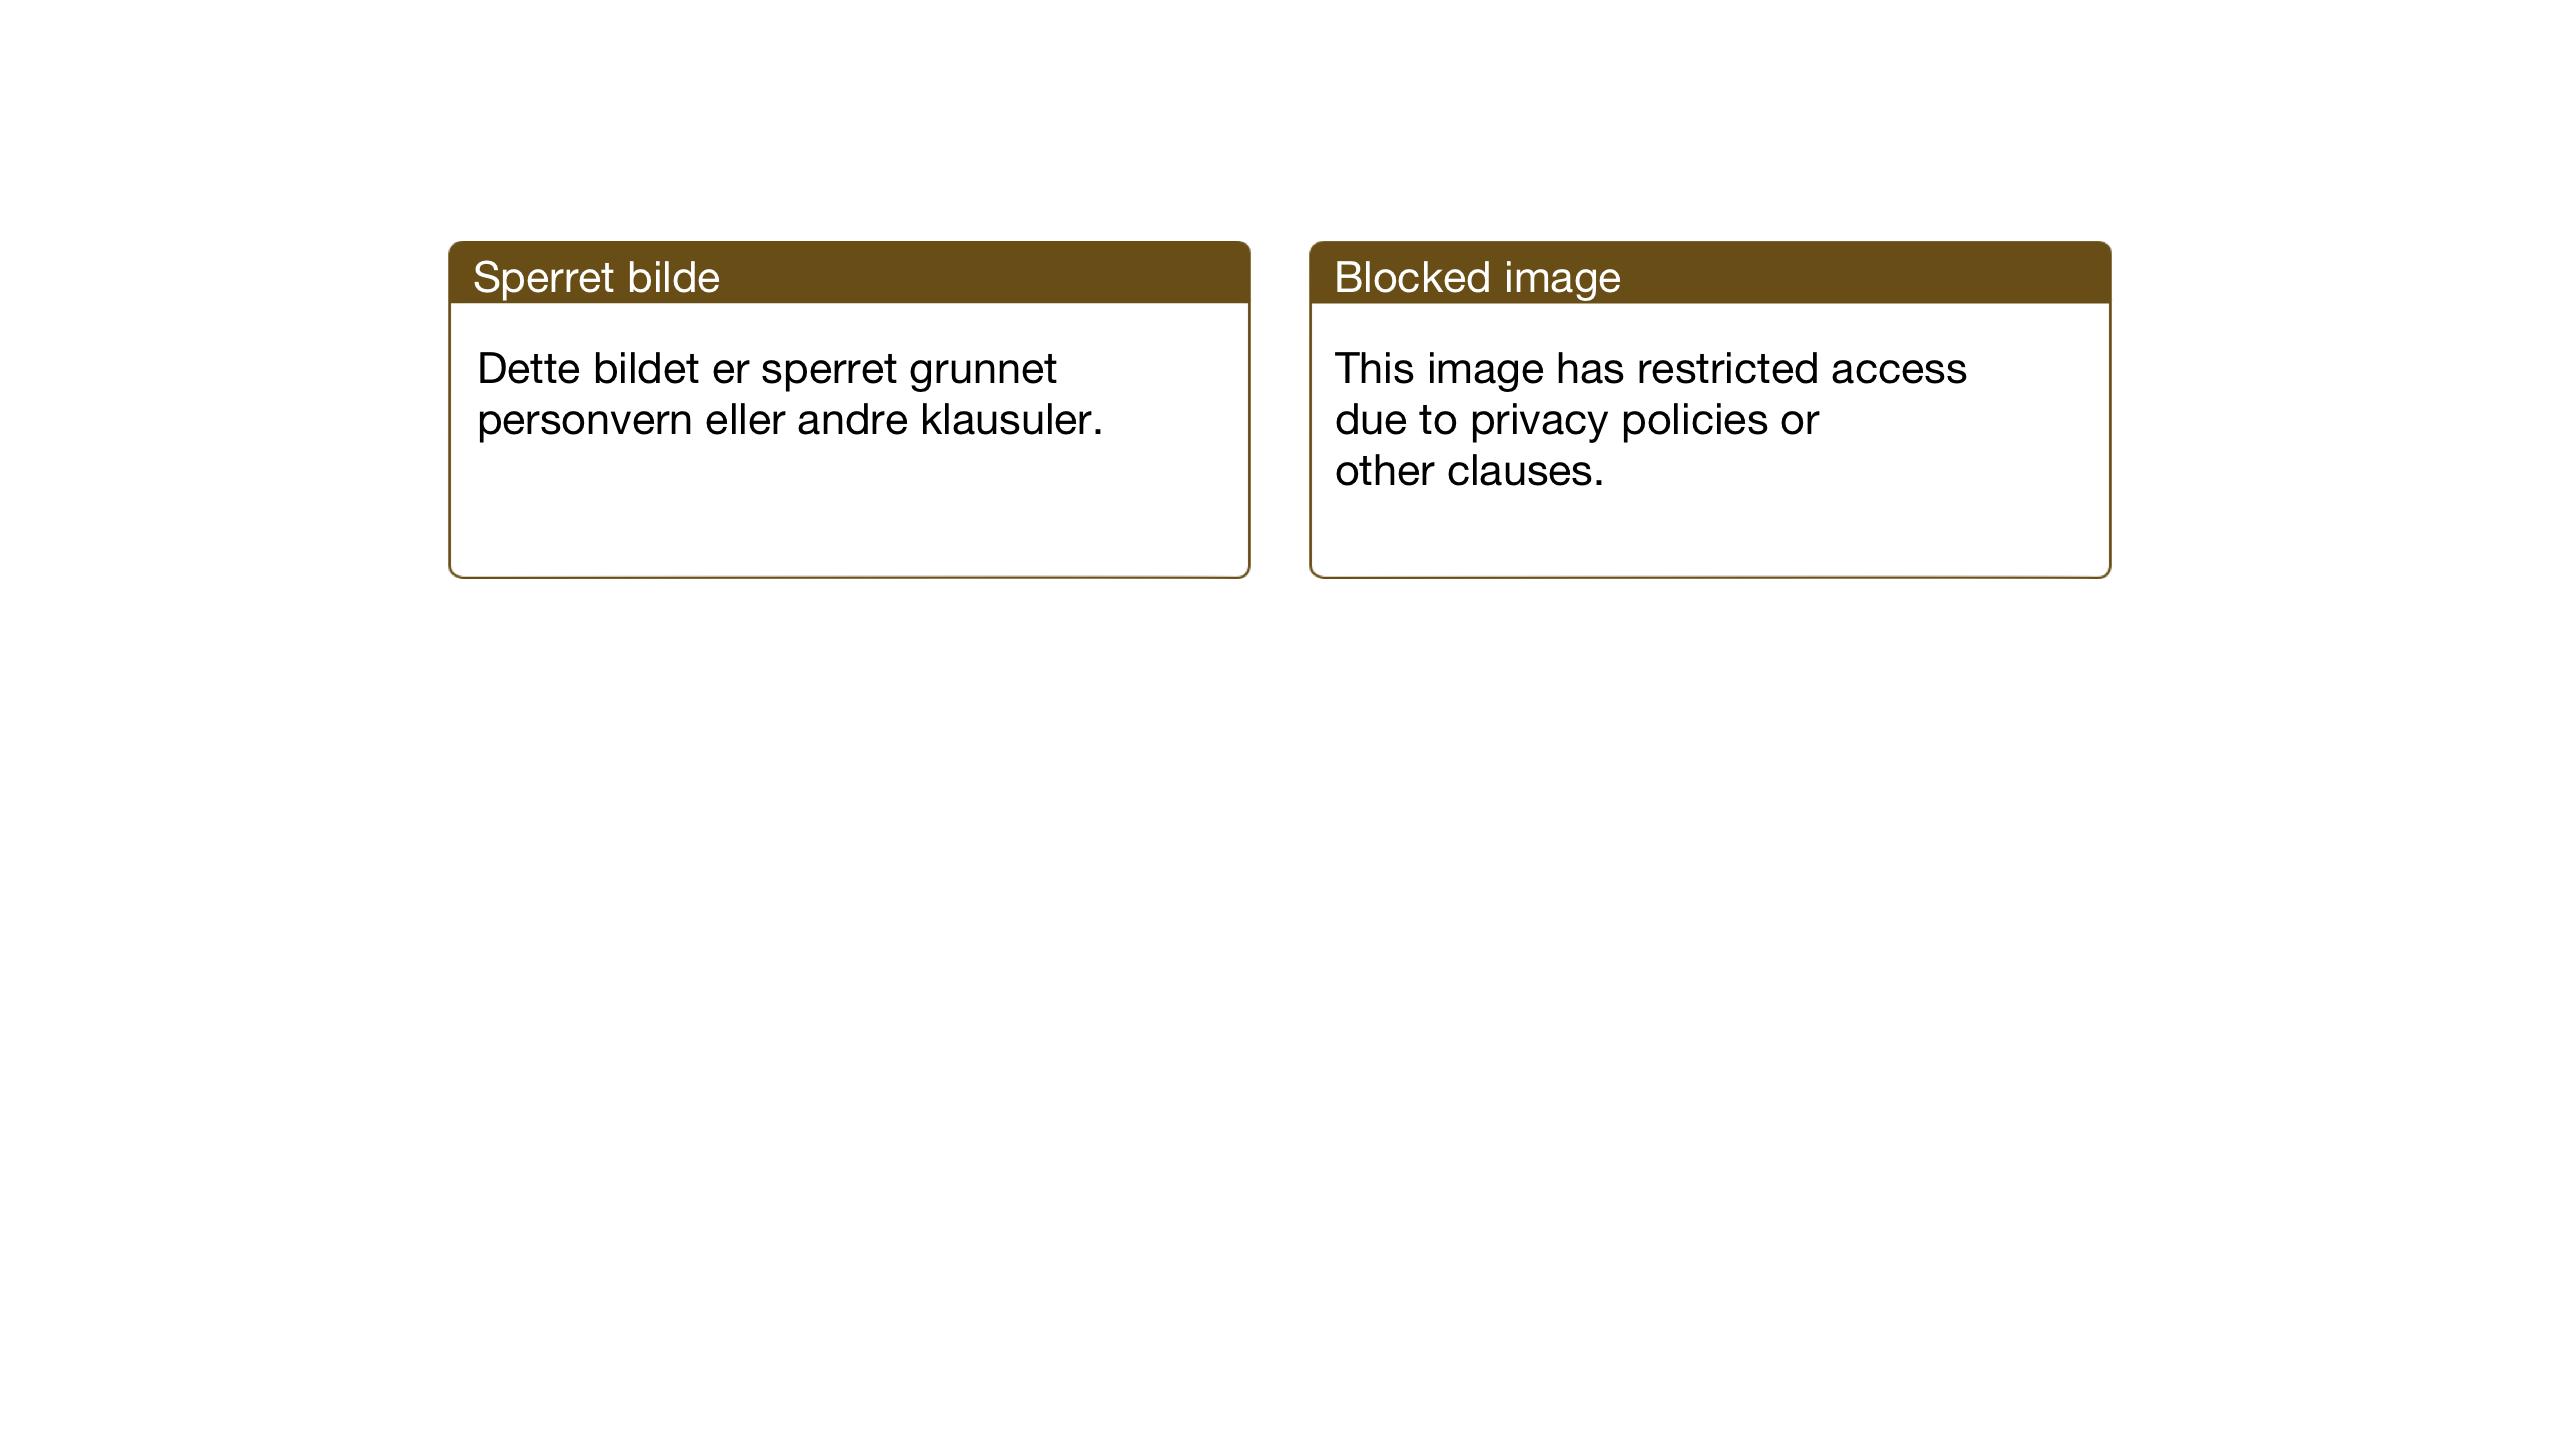 SAT, Ministerialprotokoller, klokkerbøker og fødselsregistre - Sør-Trøndelag, 686/L0986: Klokkerbok nr. 686C02, 1933-1950, s. 89